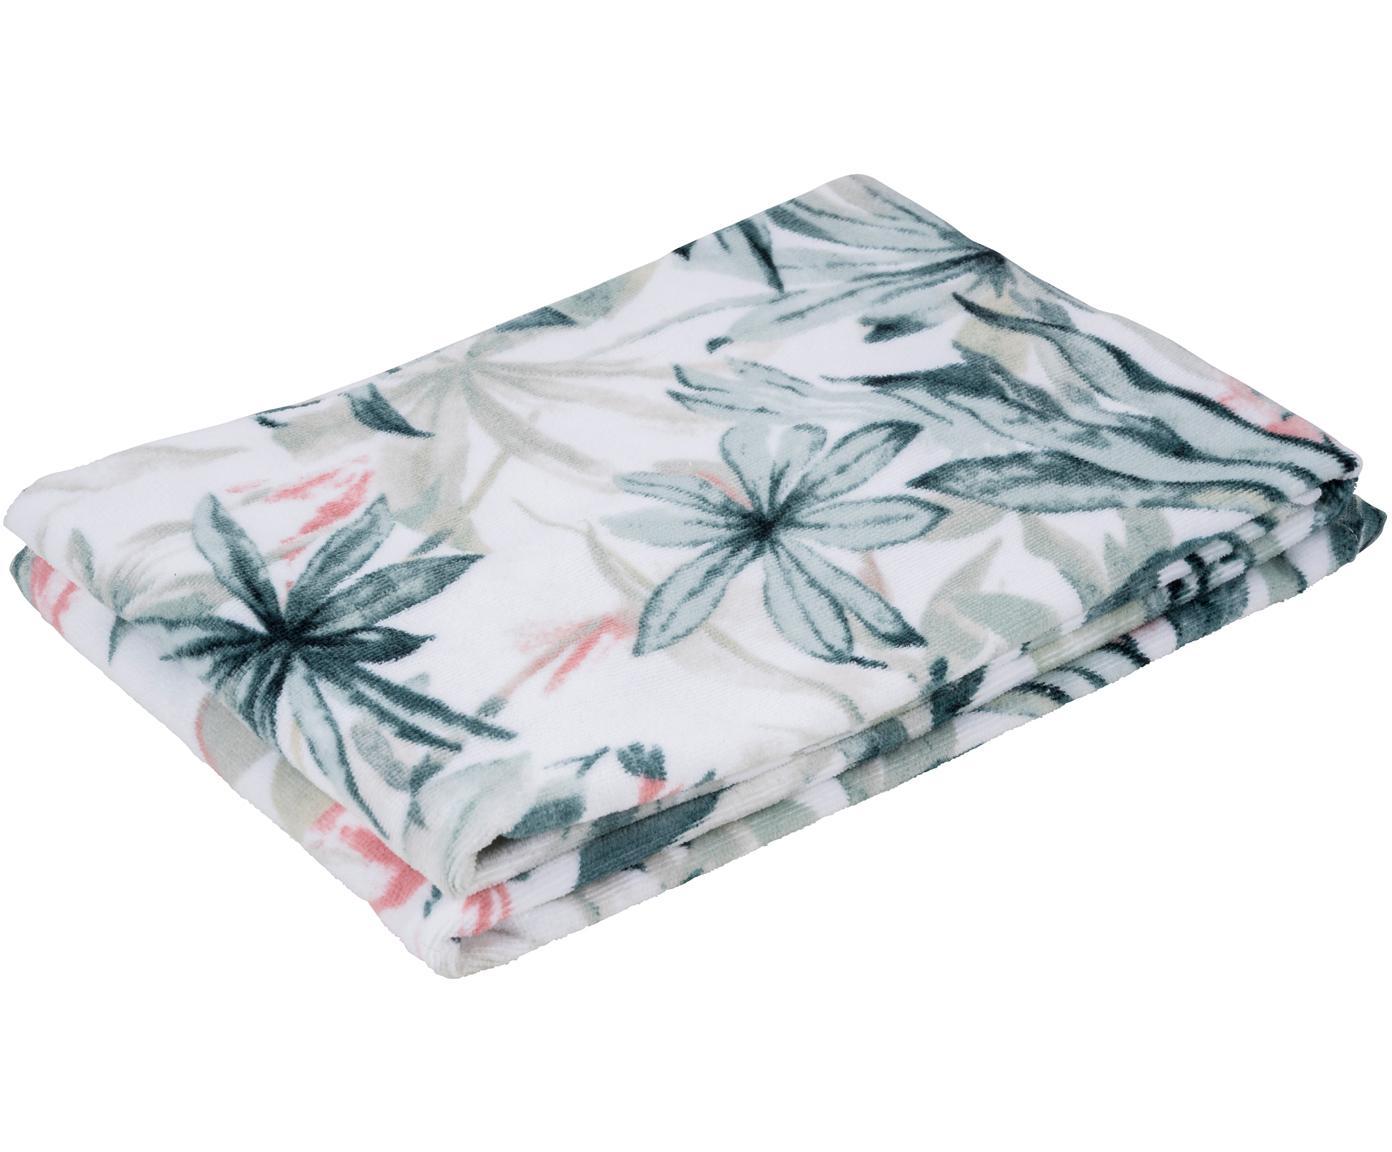 Asciugamano con motivo tropicale Foglia, Cotone, Bianco, multicolore, Asciugamano per ospiti